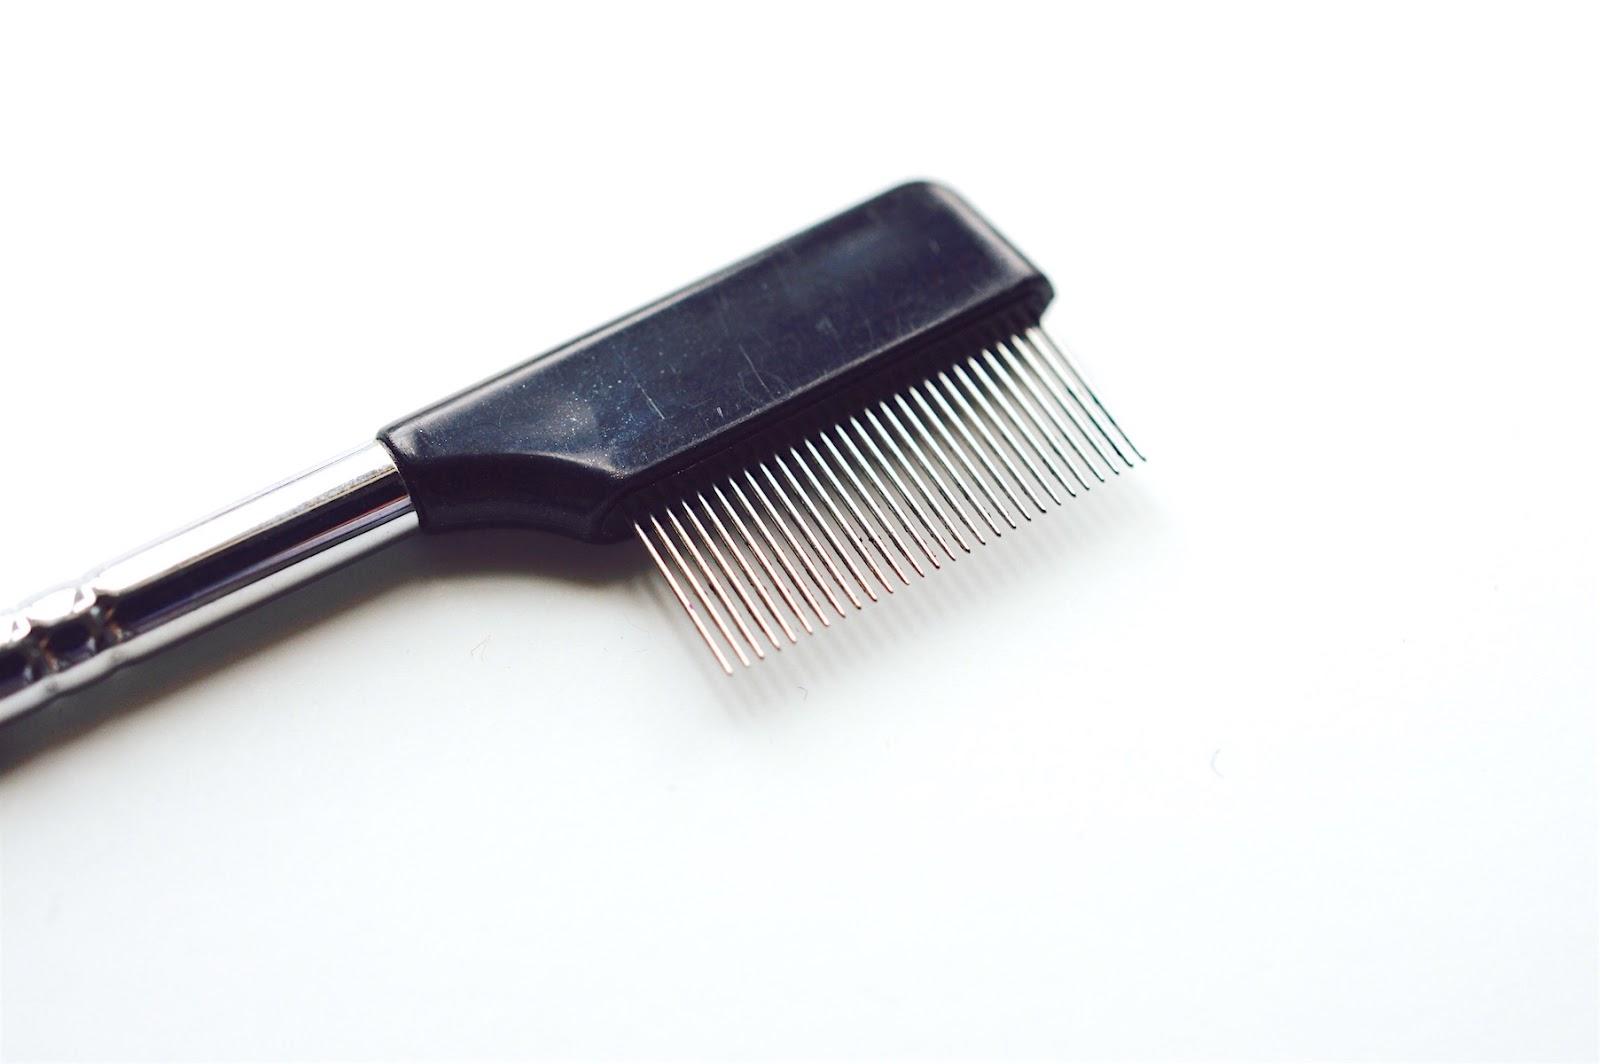 metal lash comb